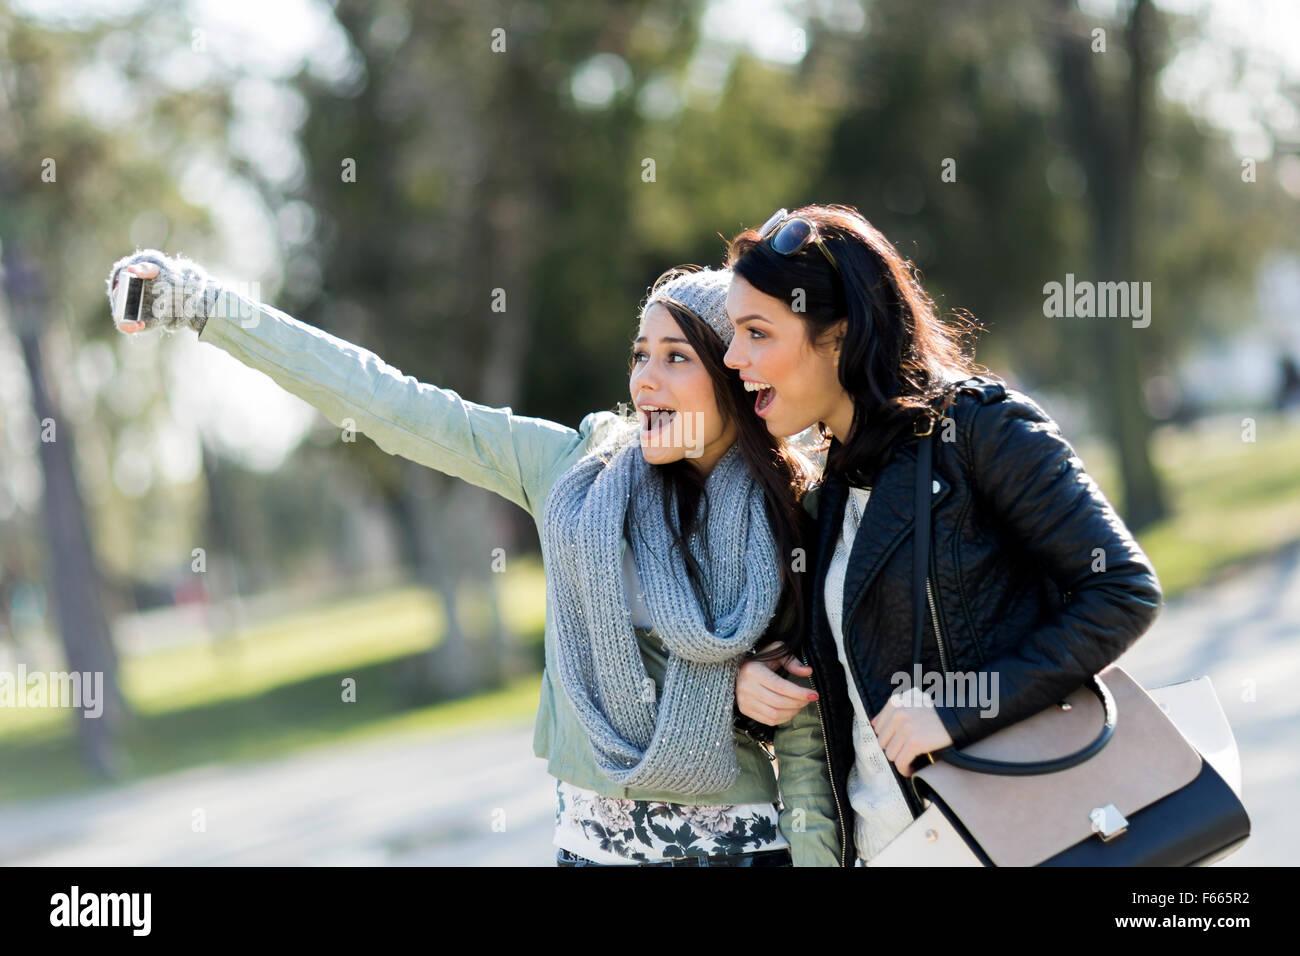 Zwei junge Frauen, die eine Selfie von sich selbst an einem sonnigen Tag Stockbild